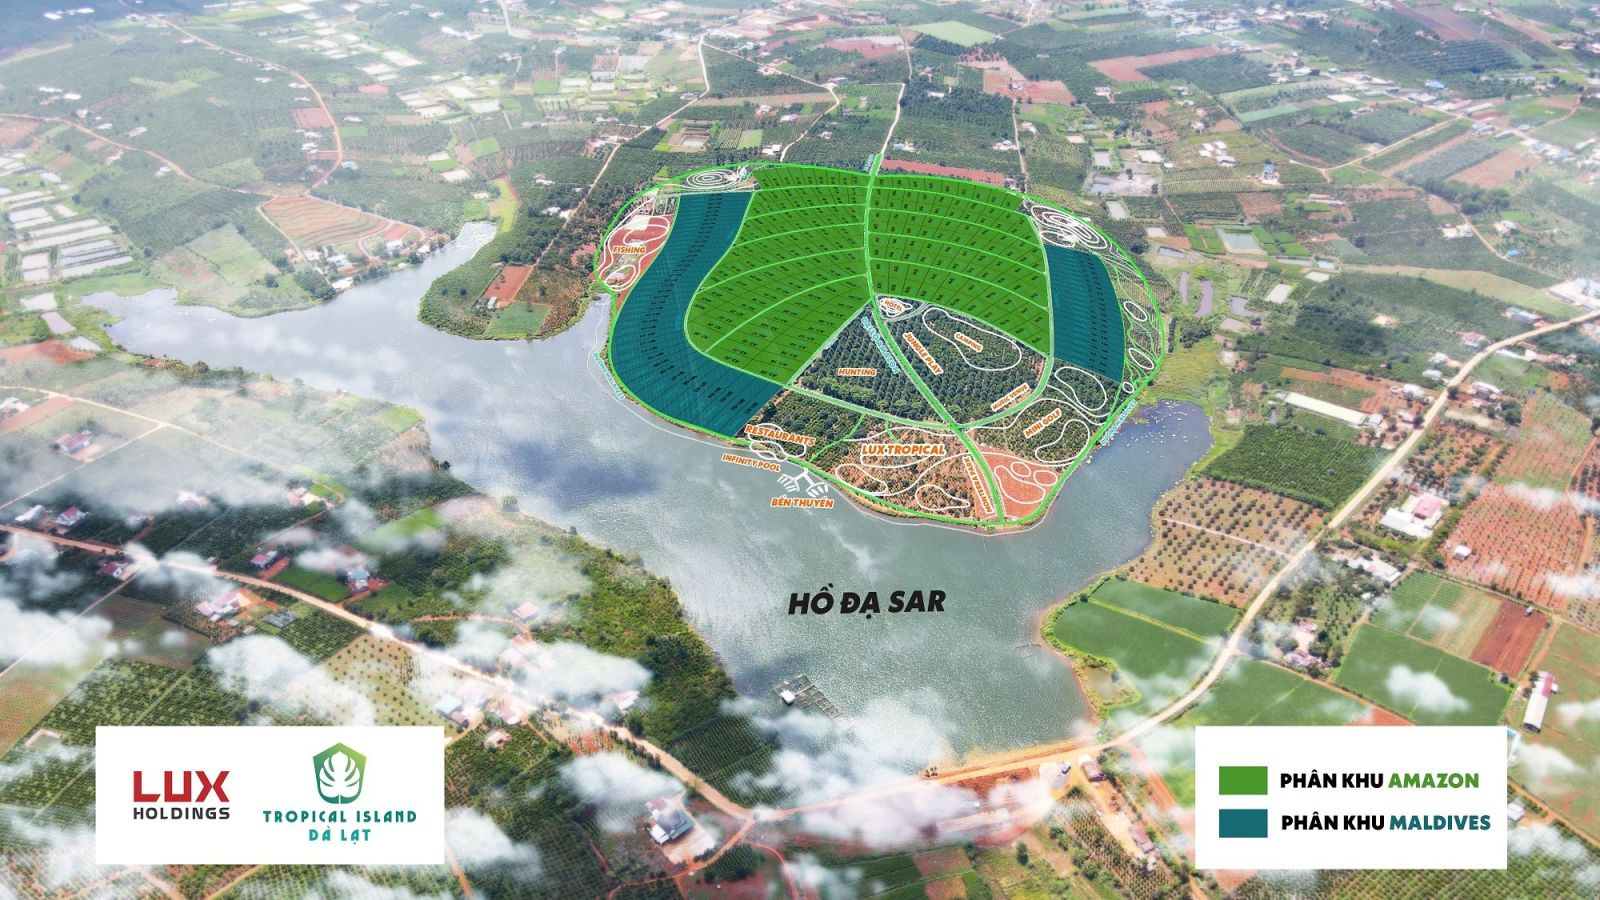 Dự án Lâm Hà hút giới đầu tư